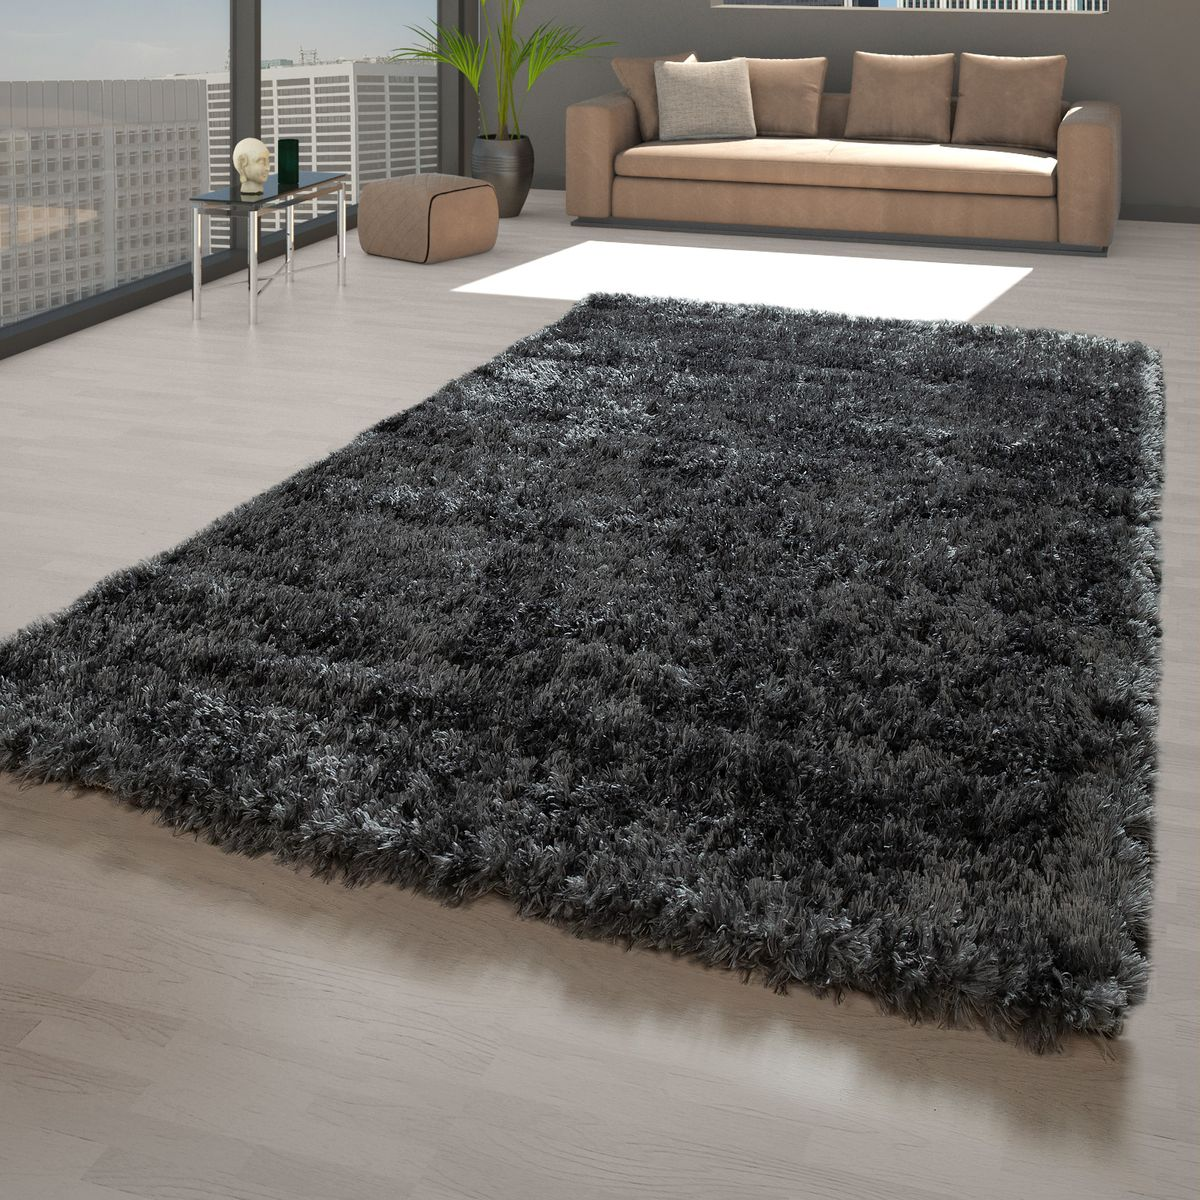 Full Size of Teppich Wohnzimmer Braune Couch Wohnzimmer Teppich Dunkelgrün Orientteppich Wohnzimmer Wohnzimmer Teppich Grau Braun Wohnzimmer Wohnzimmer Teppich